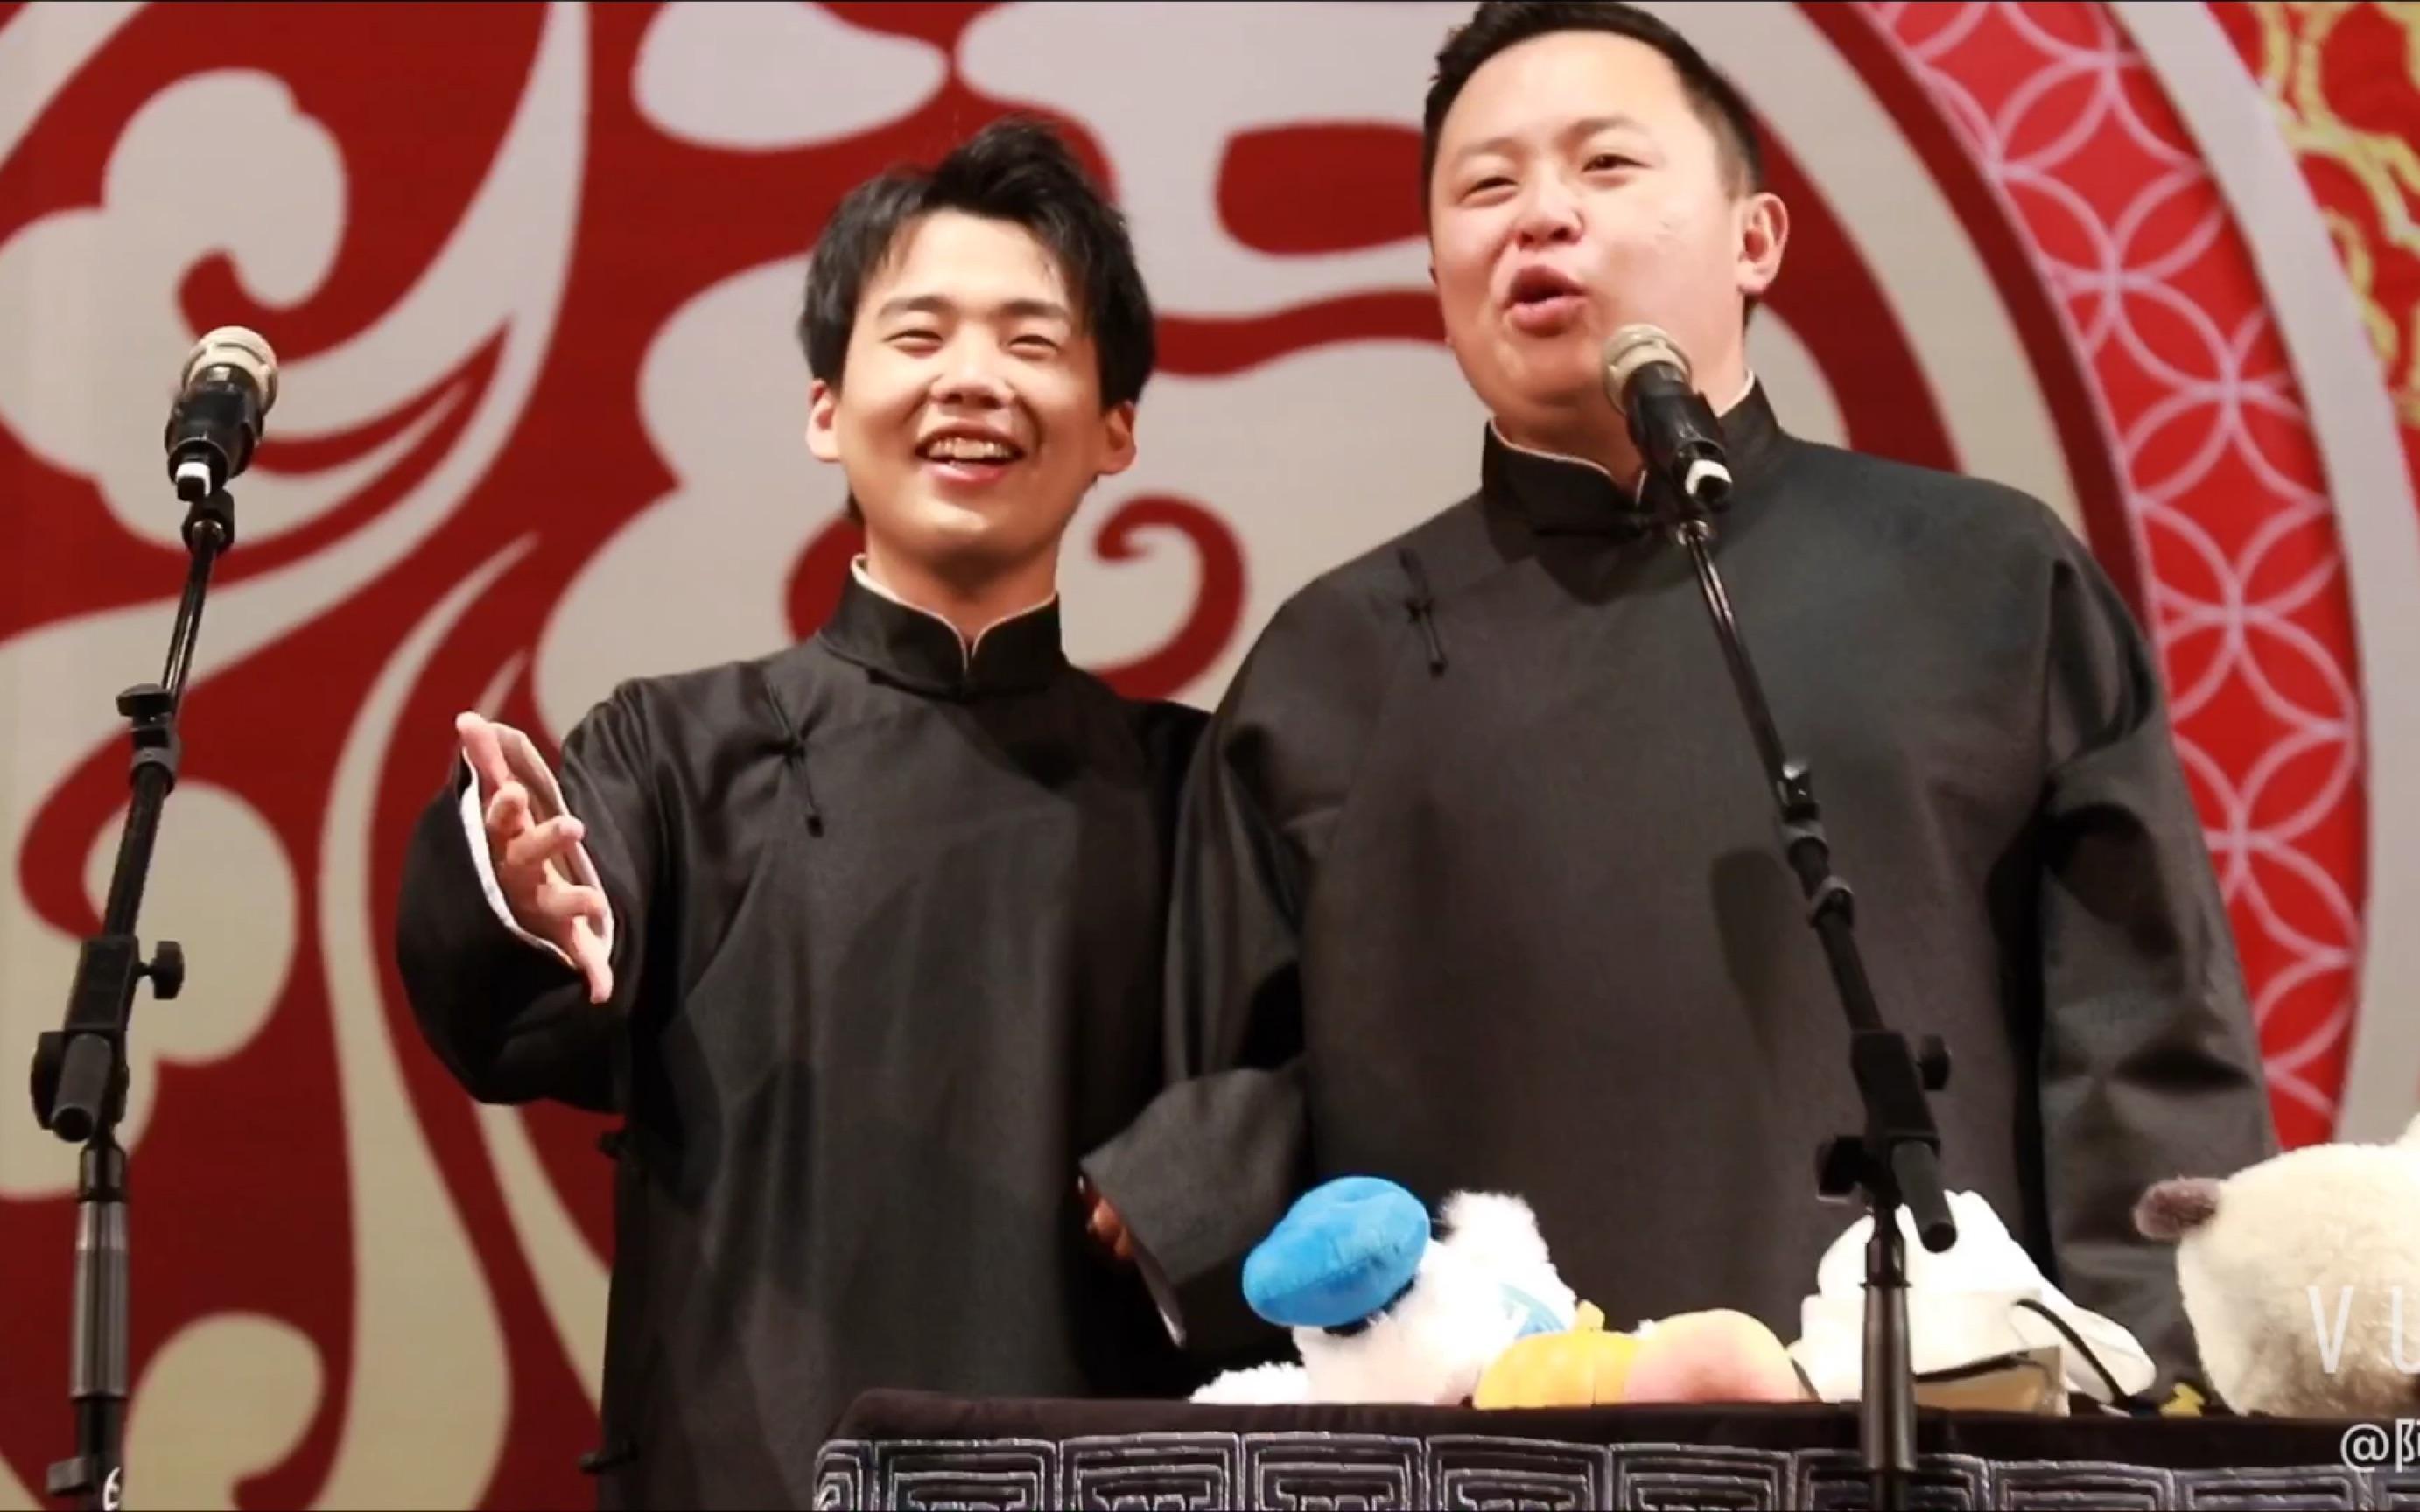 2019郭麒麟广州相声专场